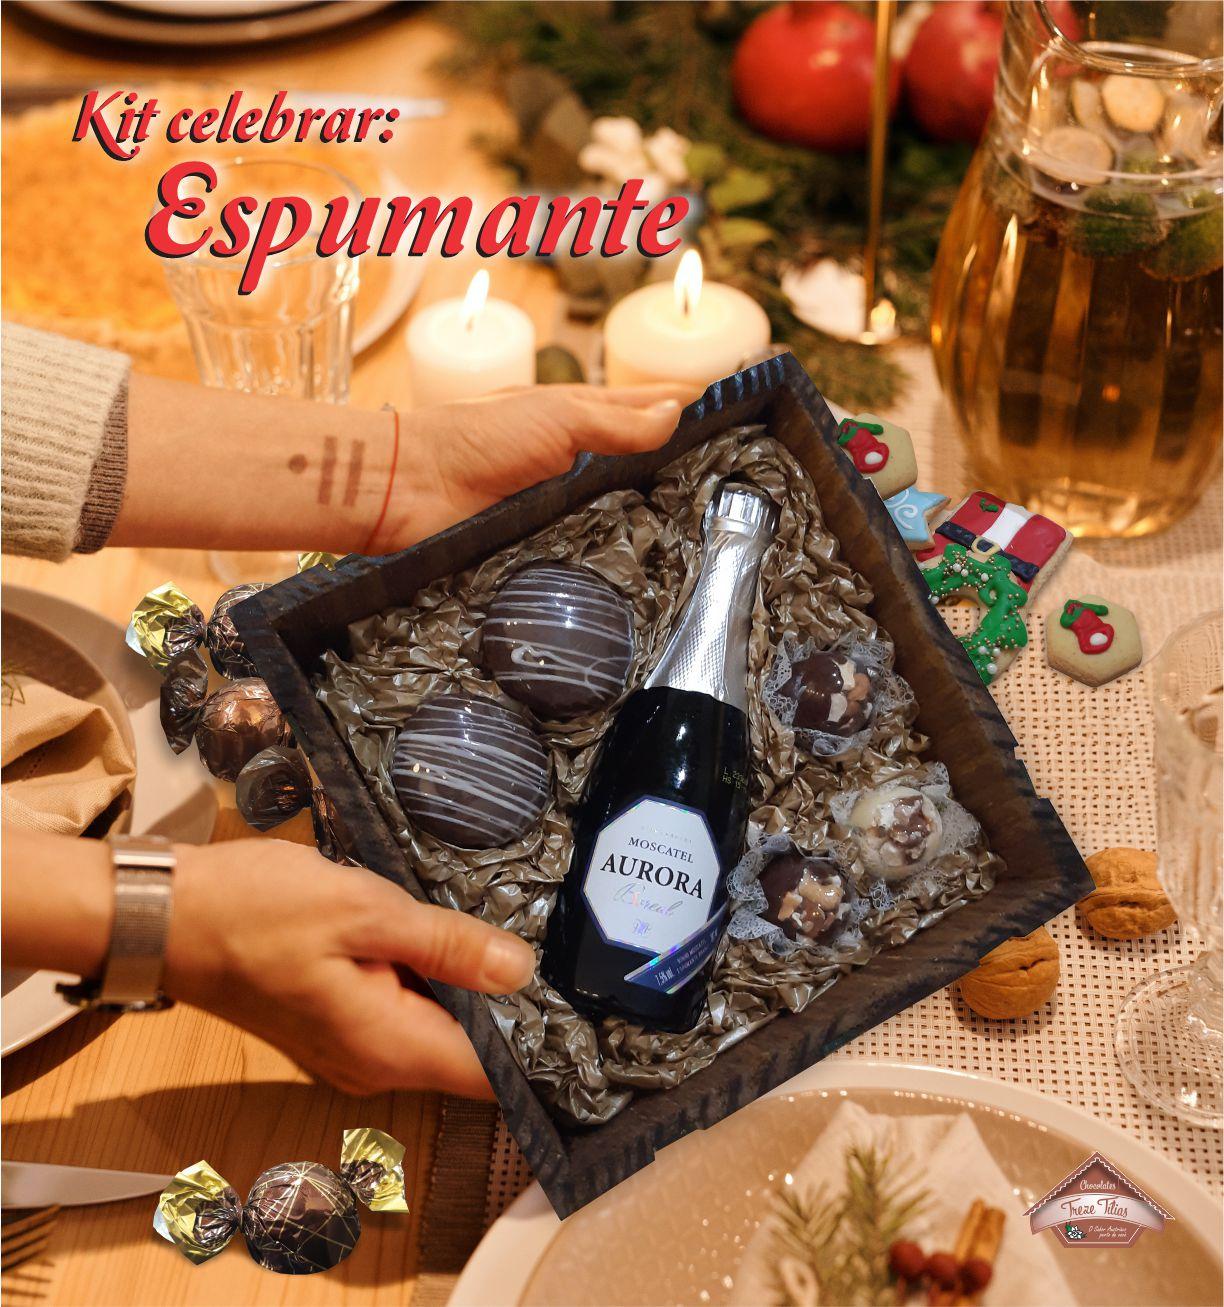 Kit Celebrar com Espumante - FRETE GRÁTIS